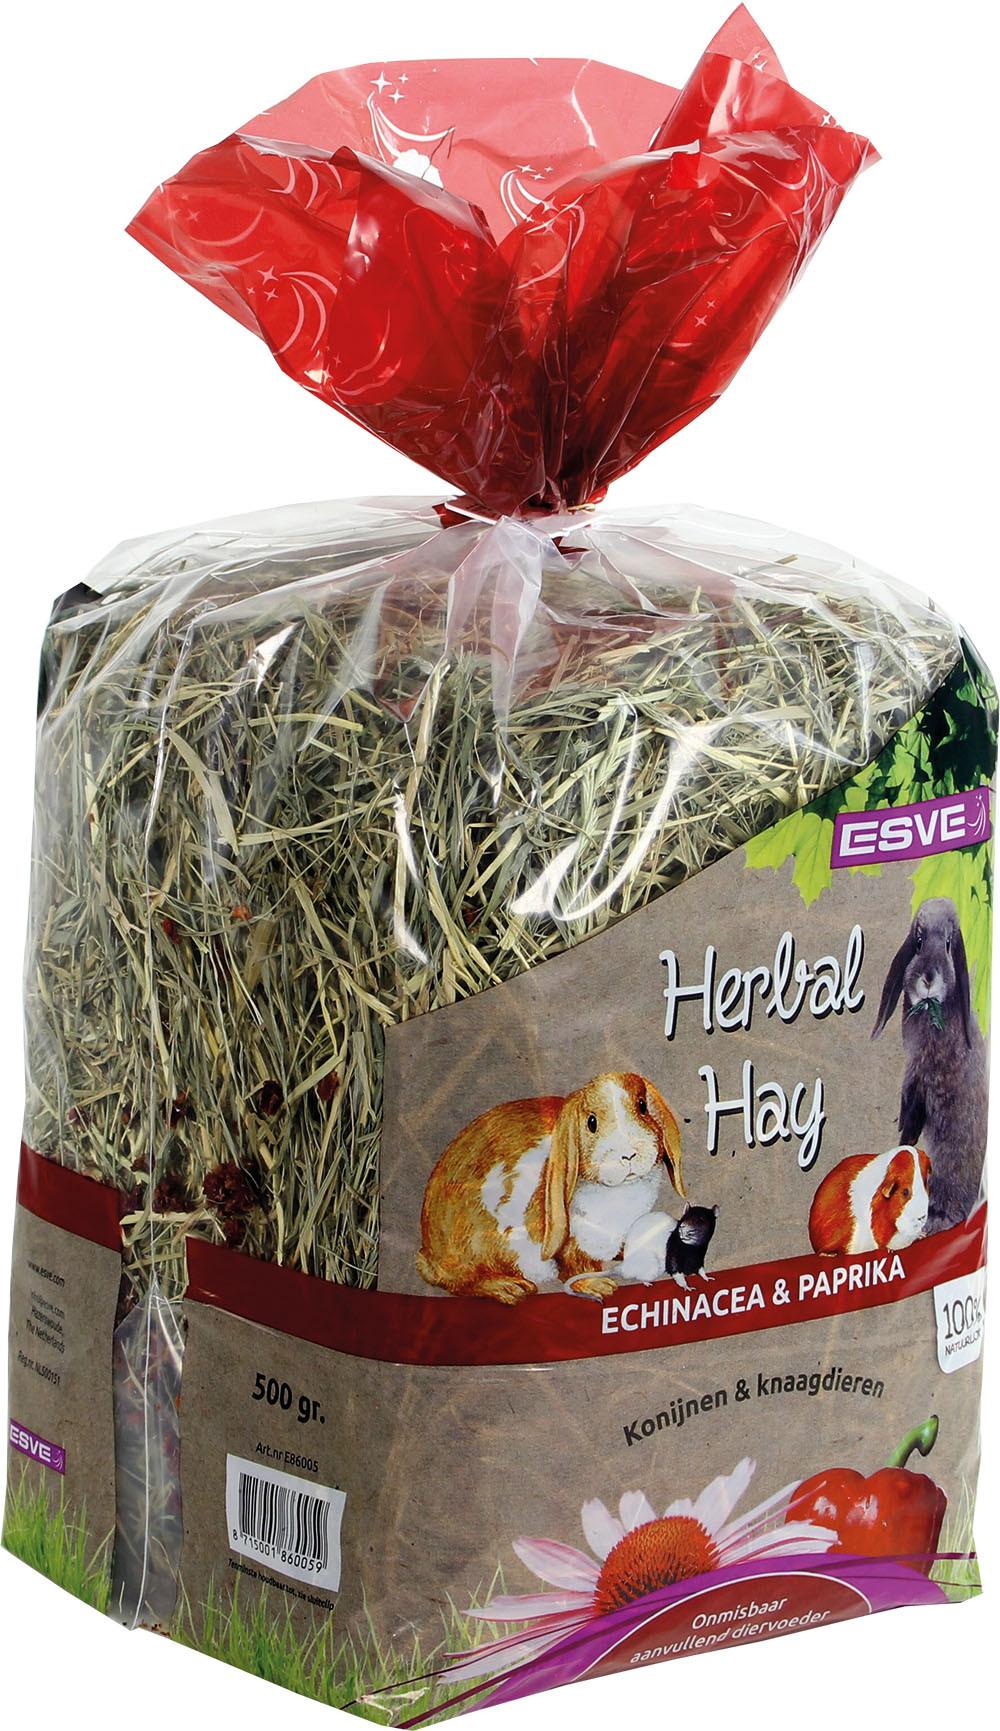 ESVE Herbal Hay echinacea en paprika 500 gr